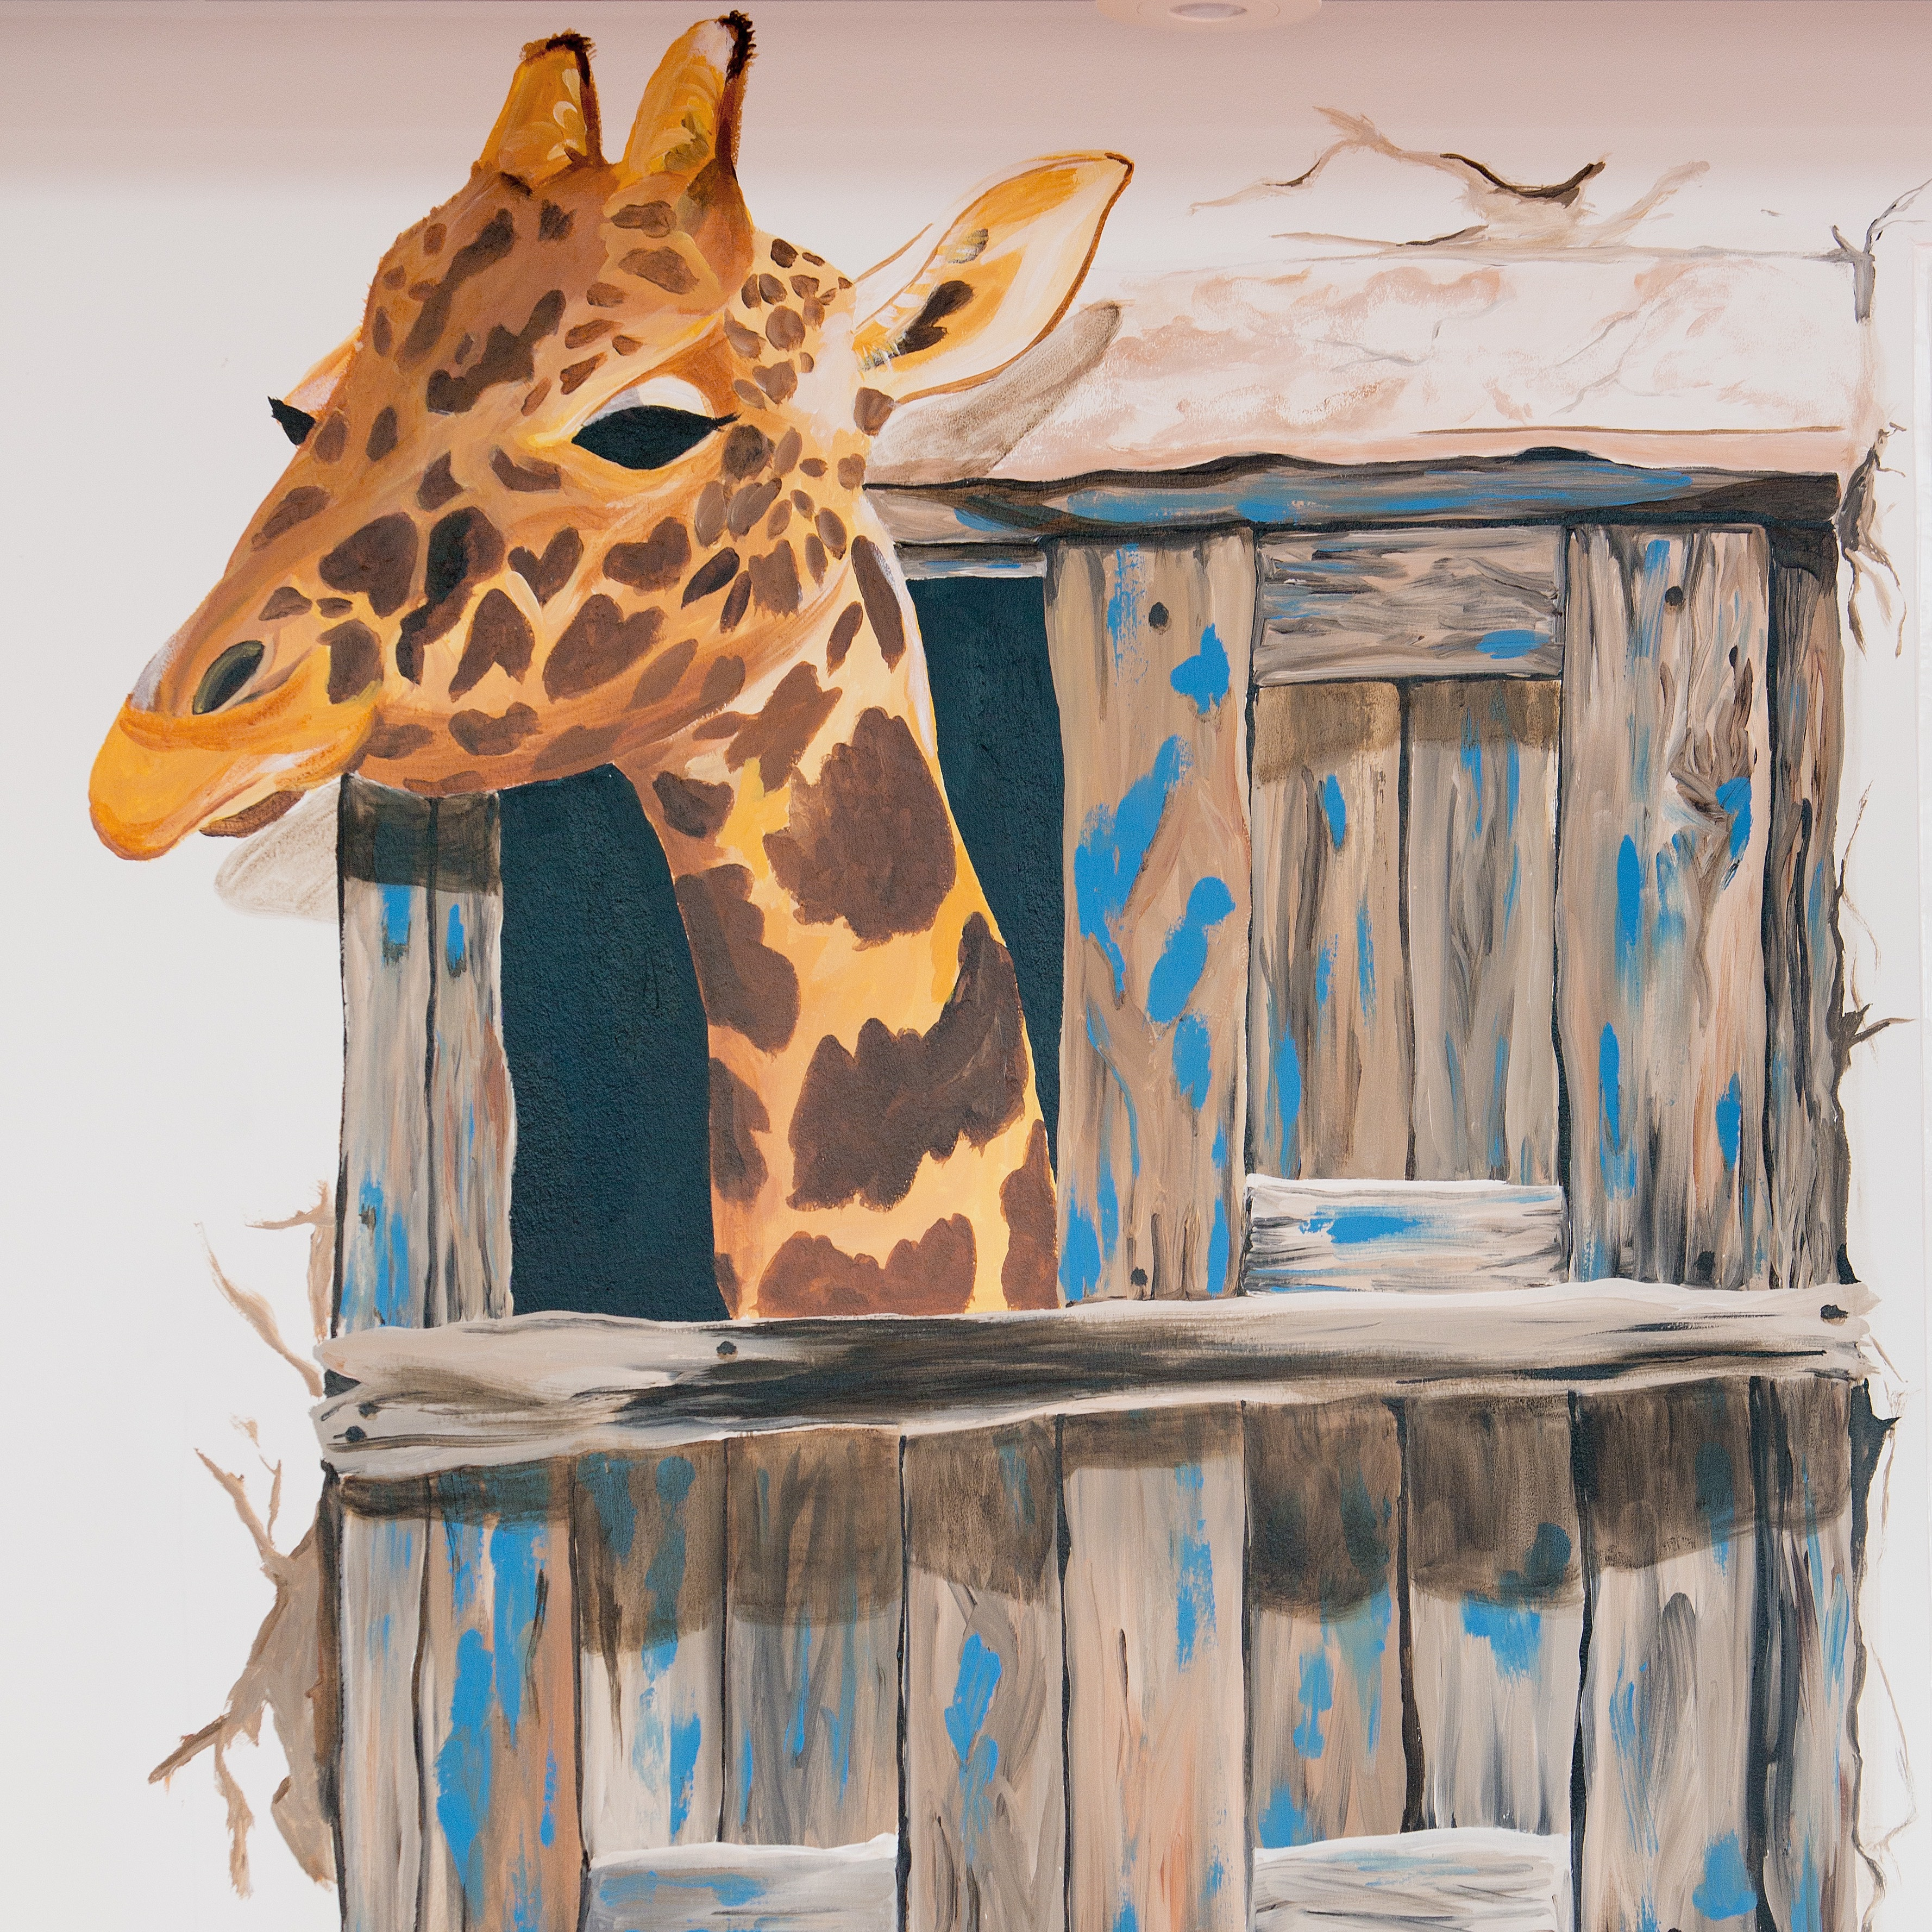 Vægmaleri, giraf